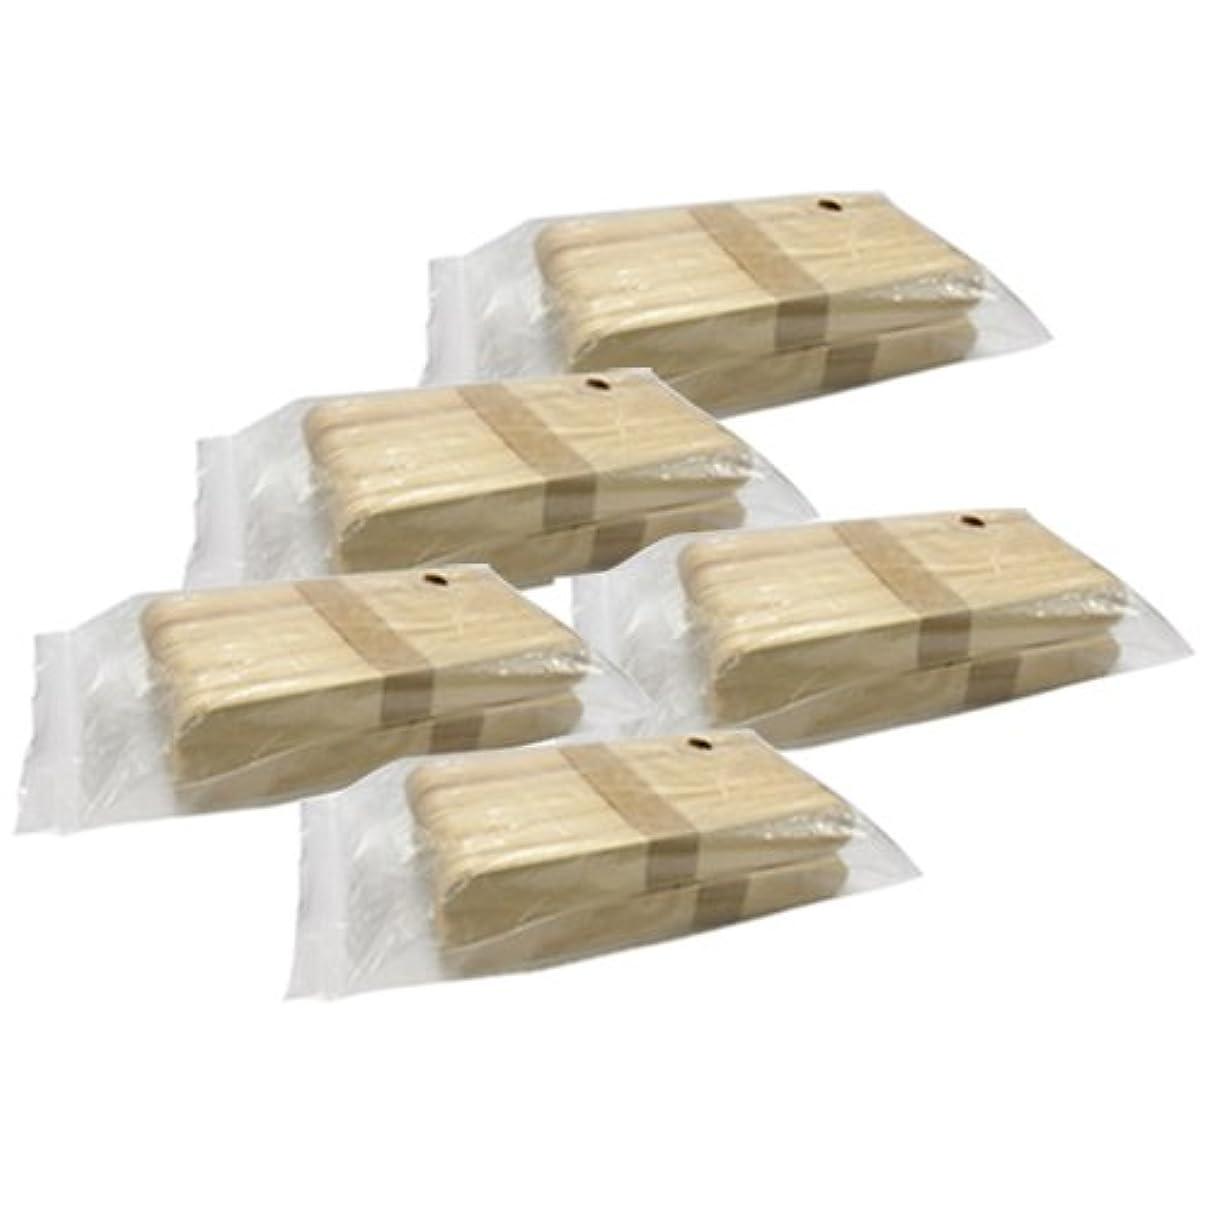 運搬首謀者楽しませる使い捨て【木ベラ/ウッドスパチュラ】(業務用100枚入り) × 5袋セット(計500枚)/WAX脱毛等や舌厚子にも …